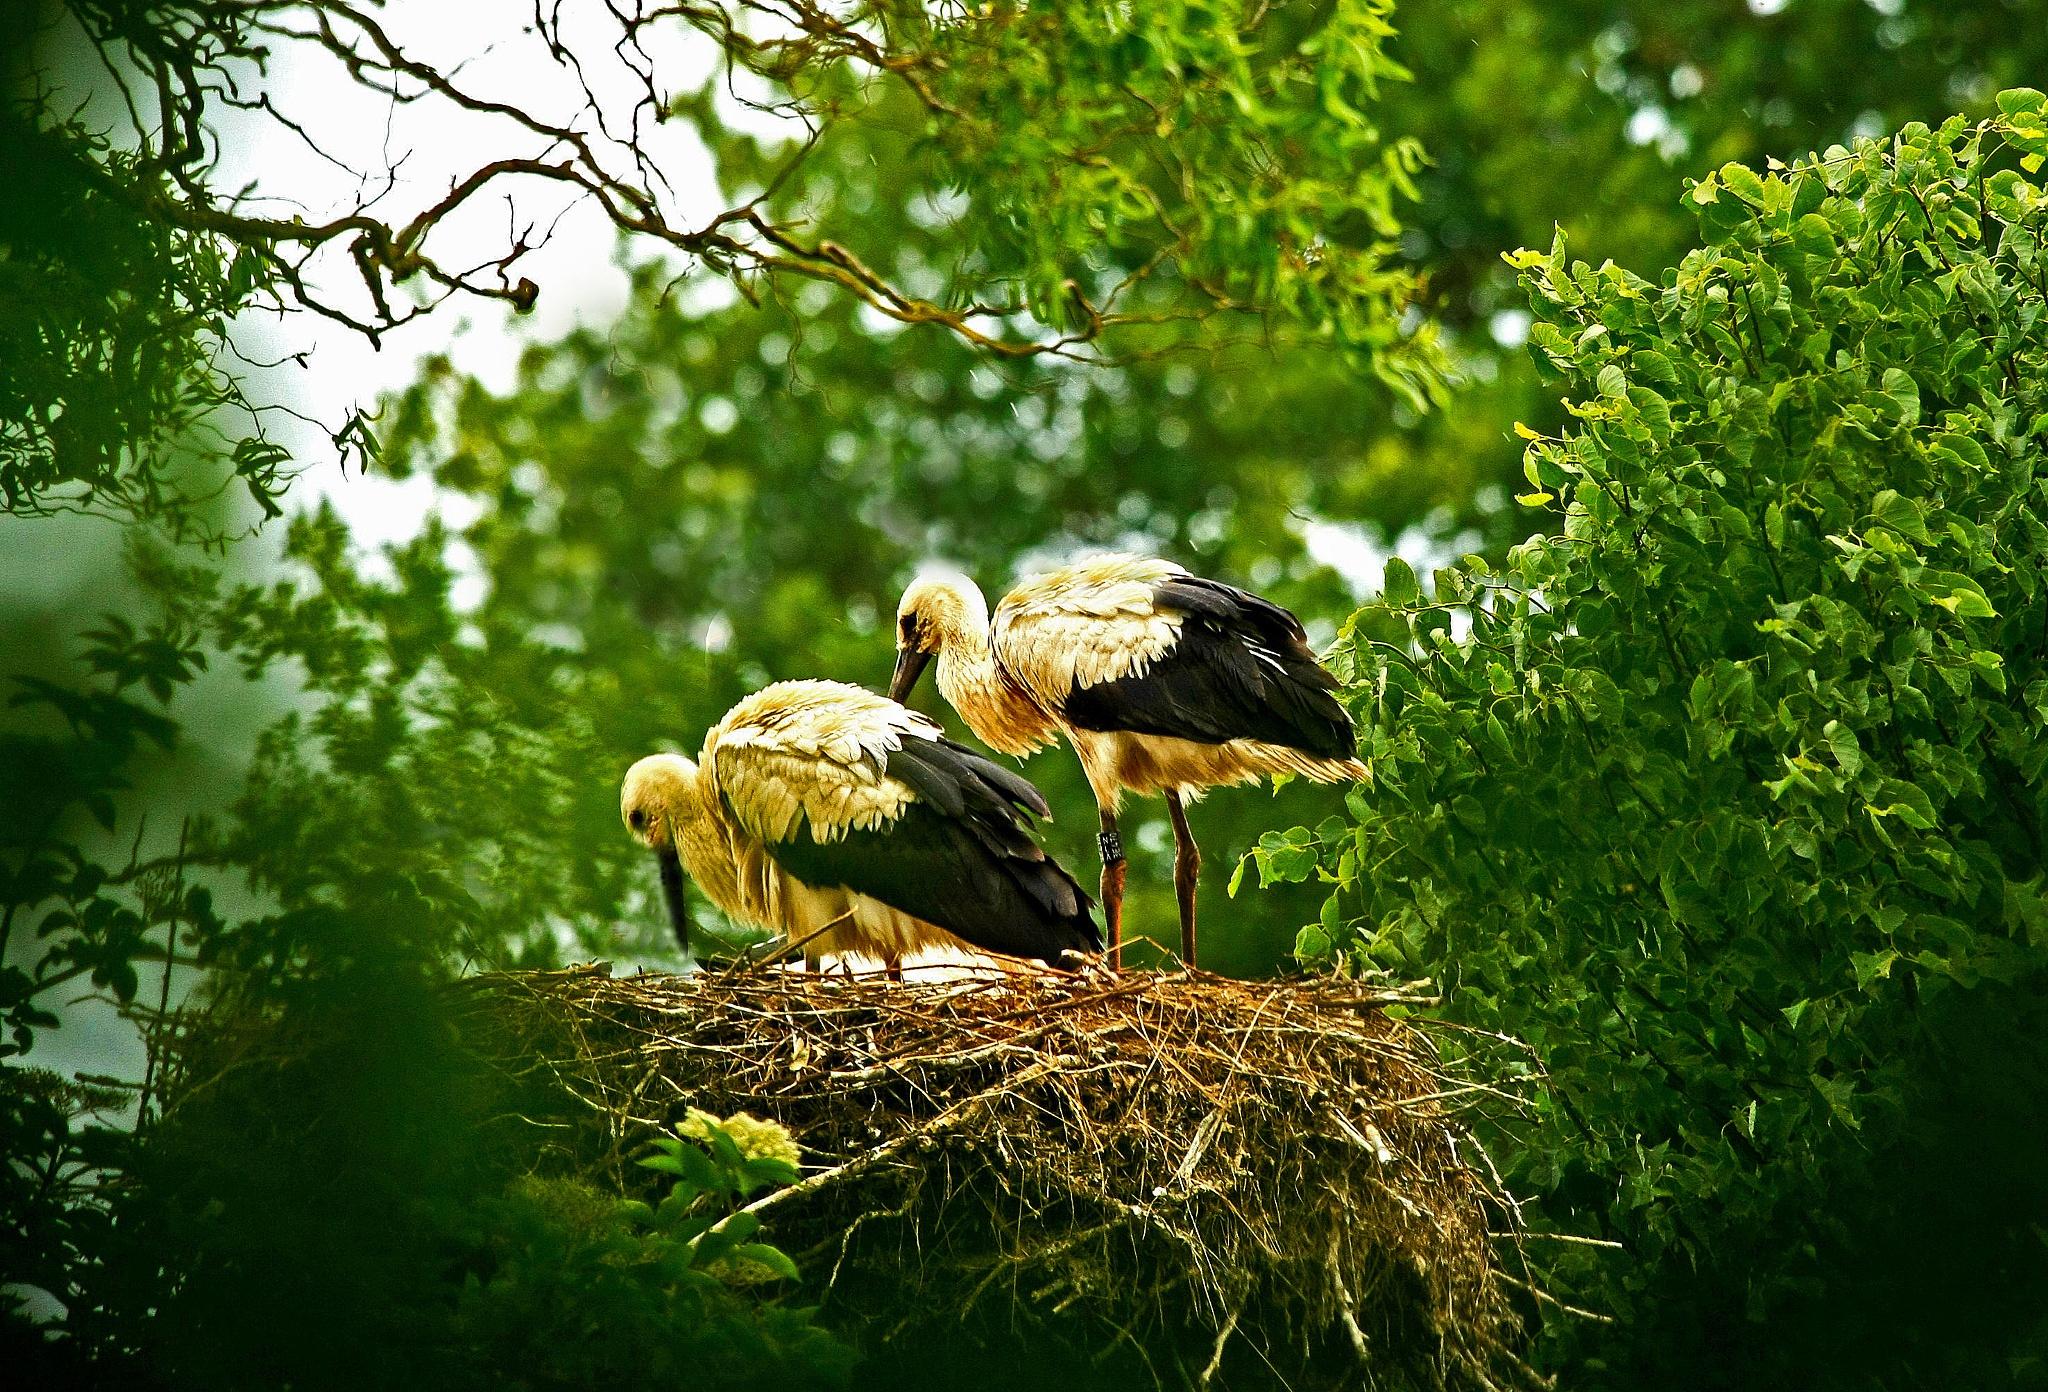 Storks on nest by Bob66